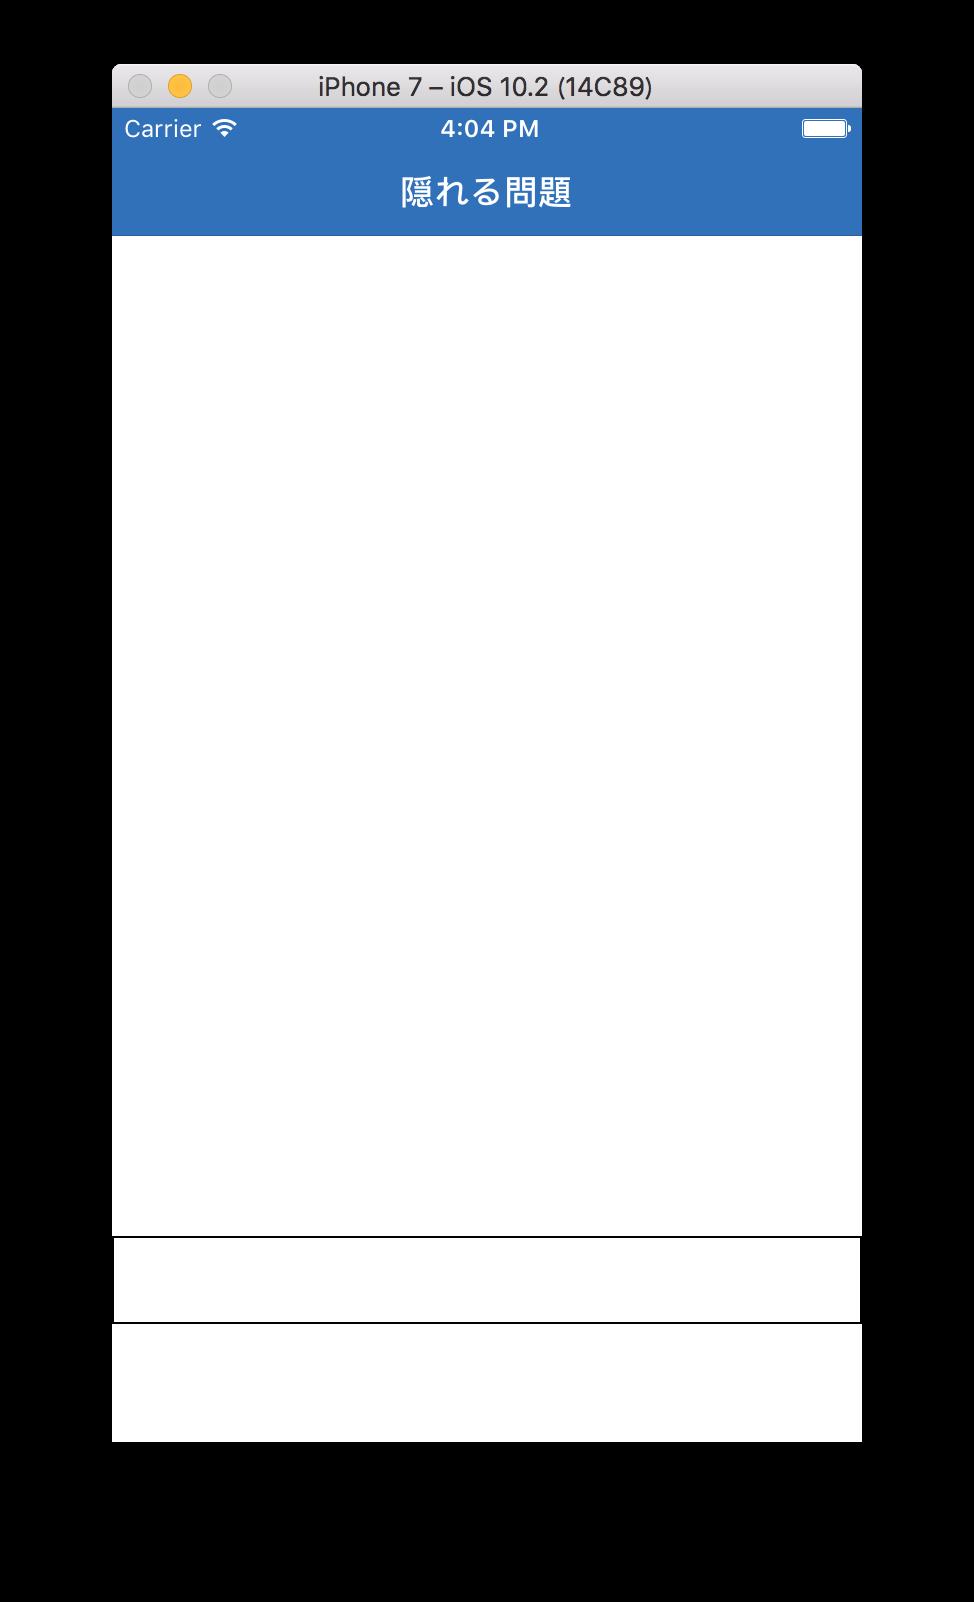 スクリーンショット 2017-01-10 16.04.45.png